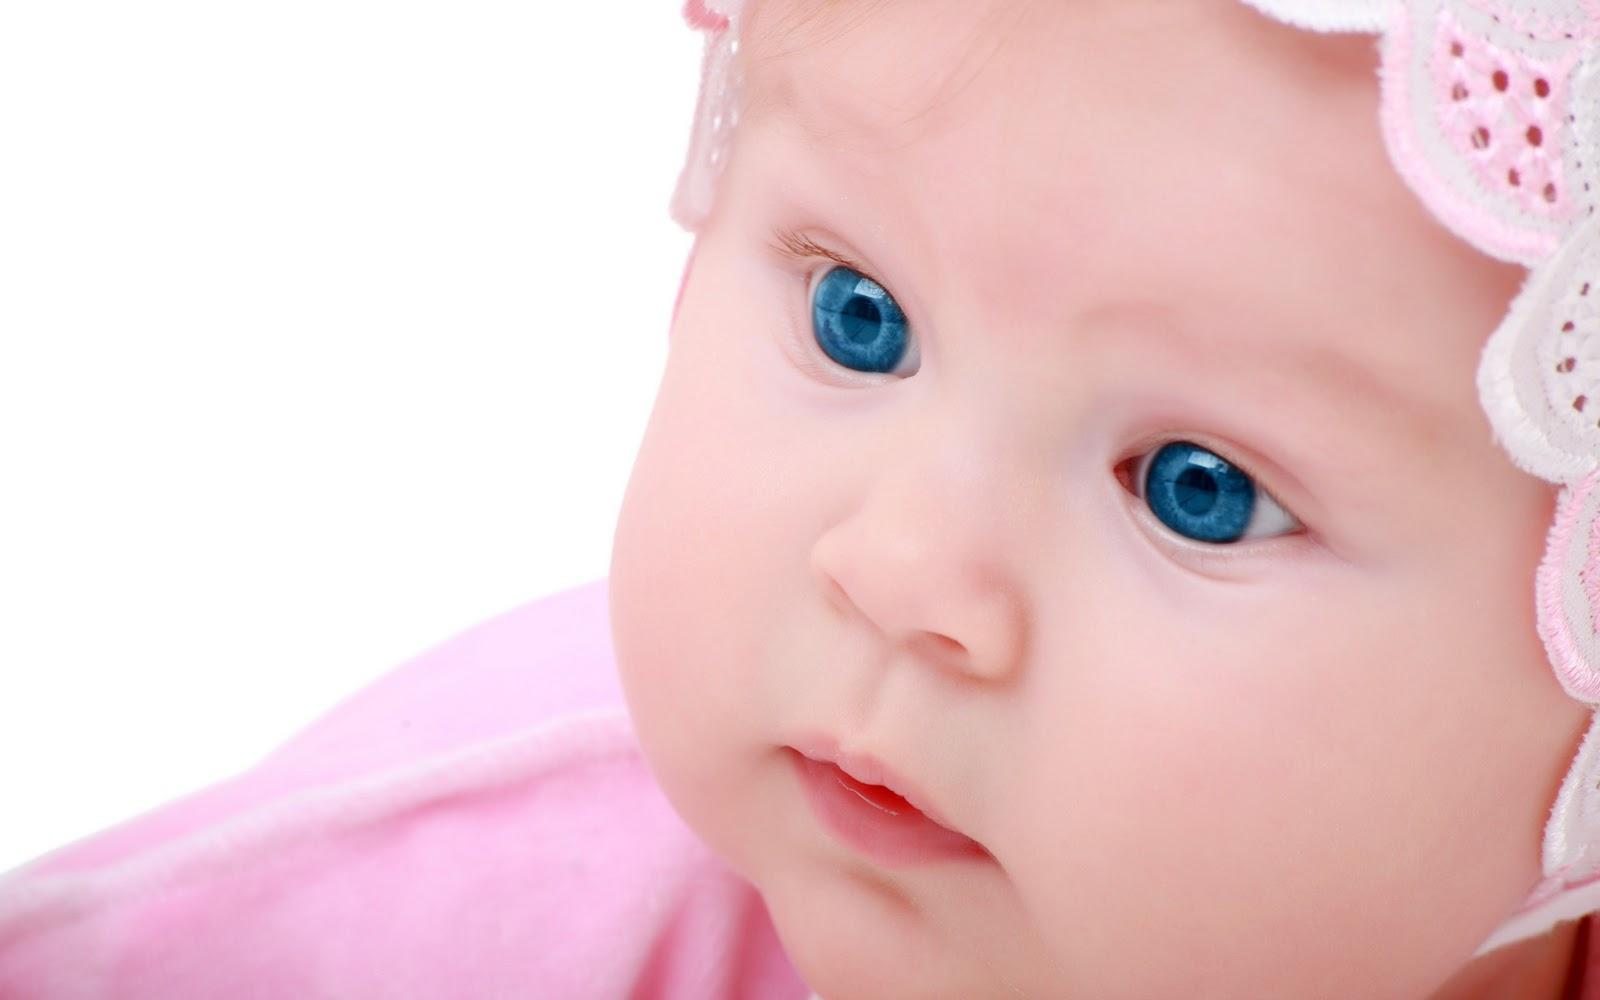 https://4.bp.blogspot.com/-__3_5PRsO8g/TirO6E8oNJI/AAAAAAAAAi0/iJ58TYRfIJg/s1600/Blue-Eyes-Baby-boy-desktop-wallpaper.jpg